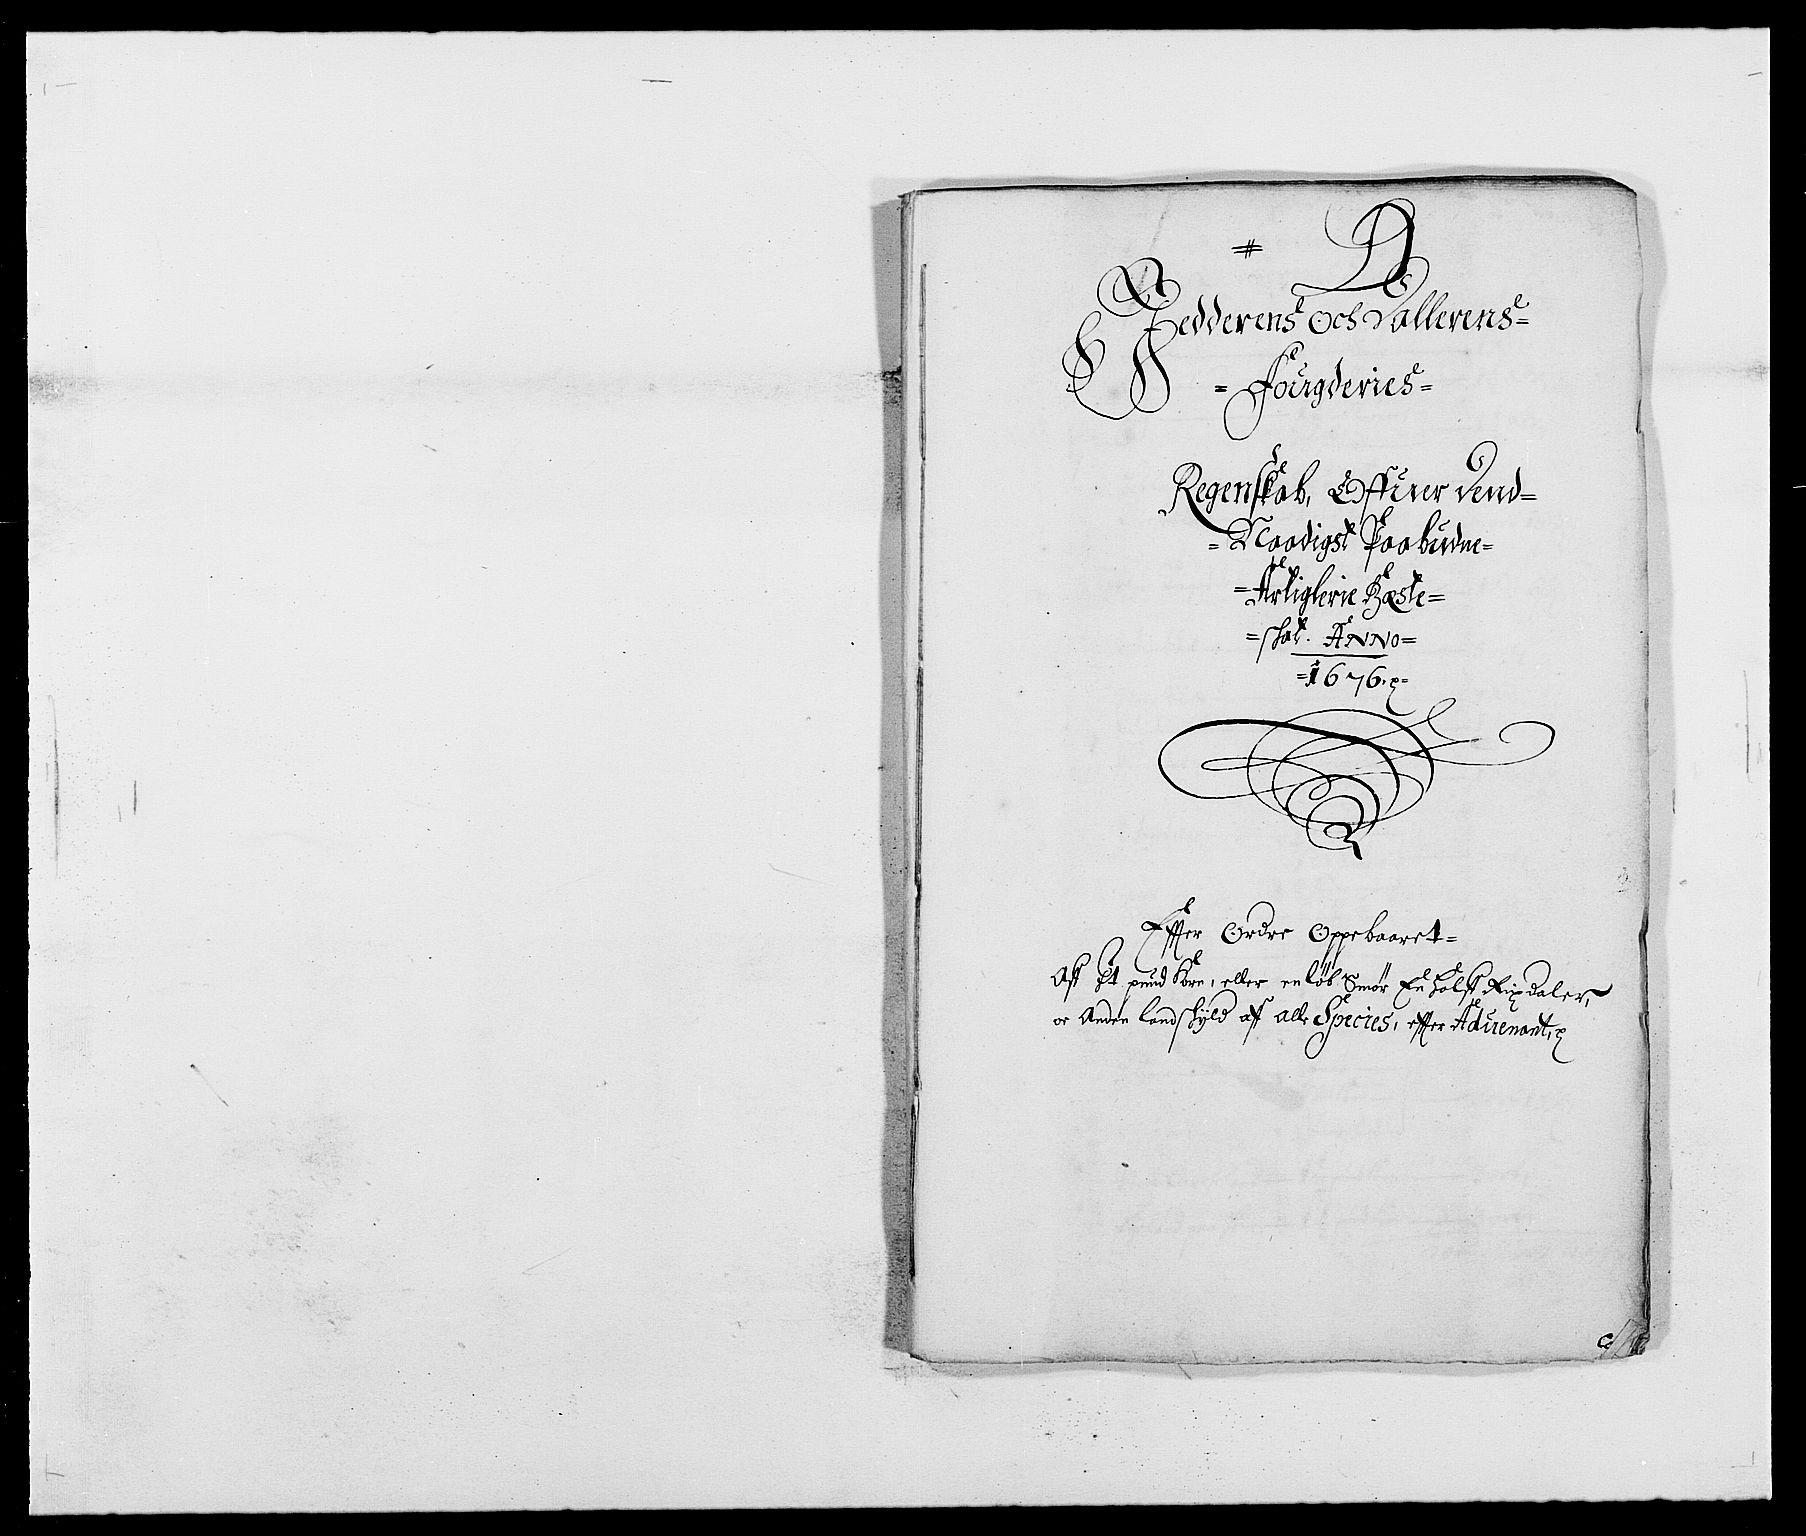 RA, Rentekammeret inntil 1814, Reviderte regnskaper, Fogderegnskap, R46/L2716: Fogderegnskap Jæren og Dalane, 1676, s. 100